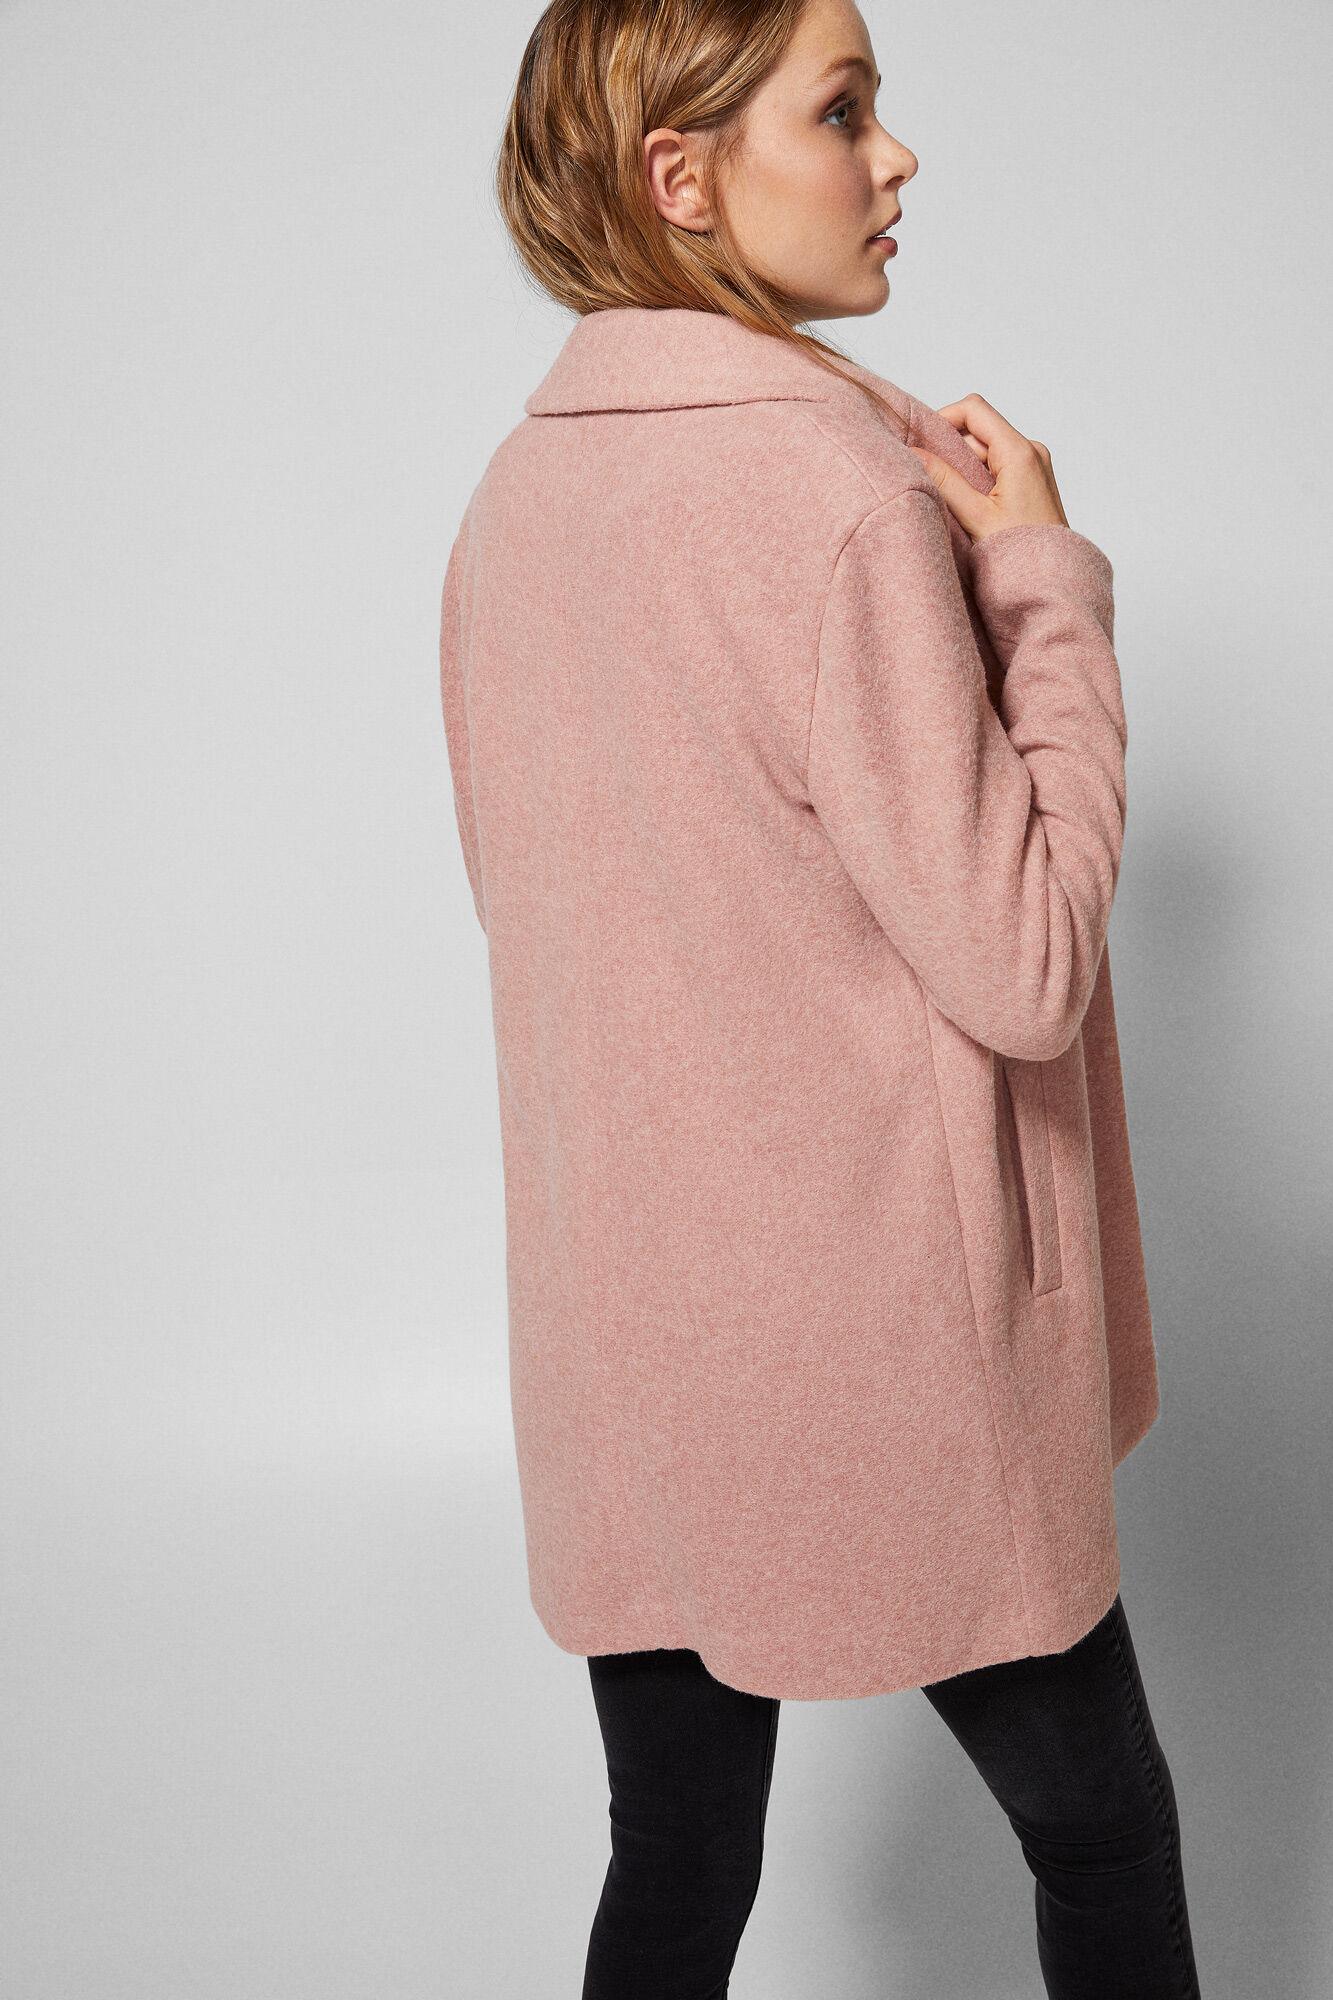 Abrigo rosa springfield